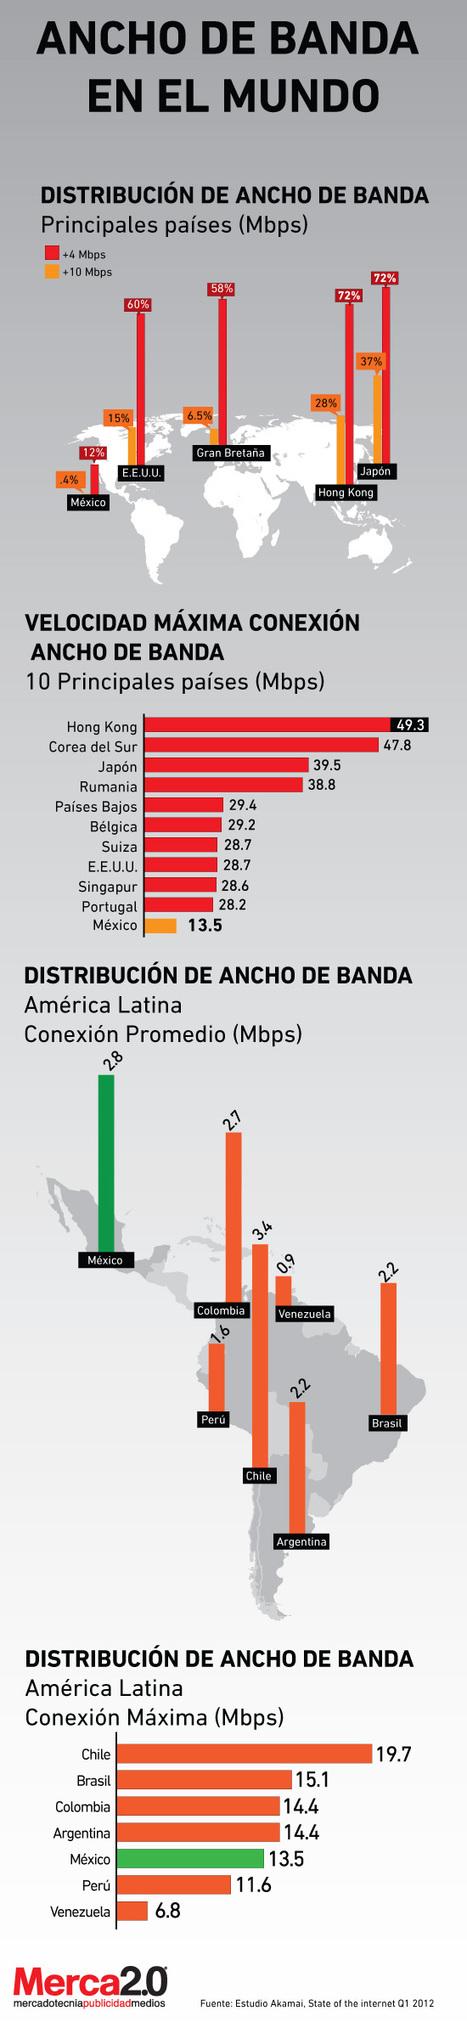 El ancho de banda en el mundo #infografia #infographic#internet | Pedalogica: educación y TIC | Scoop.it